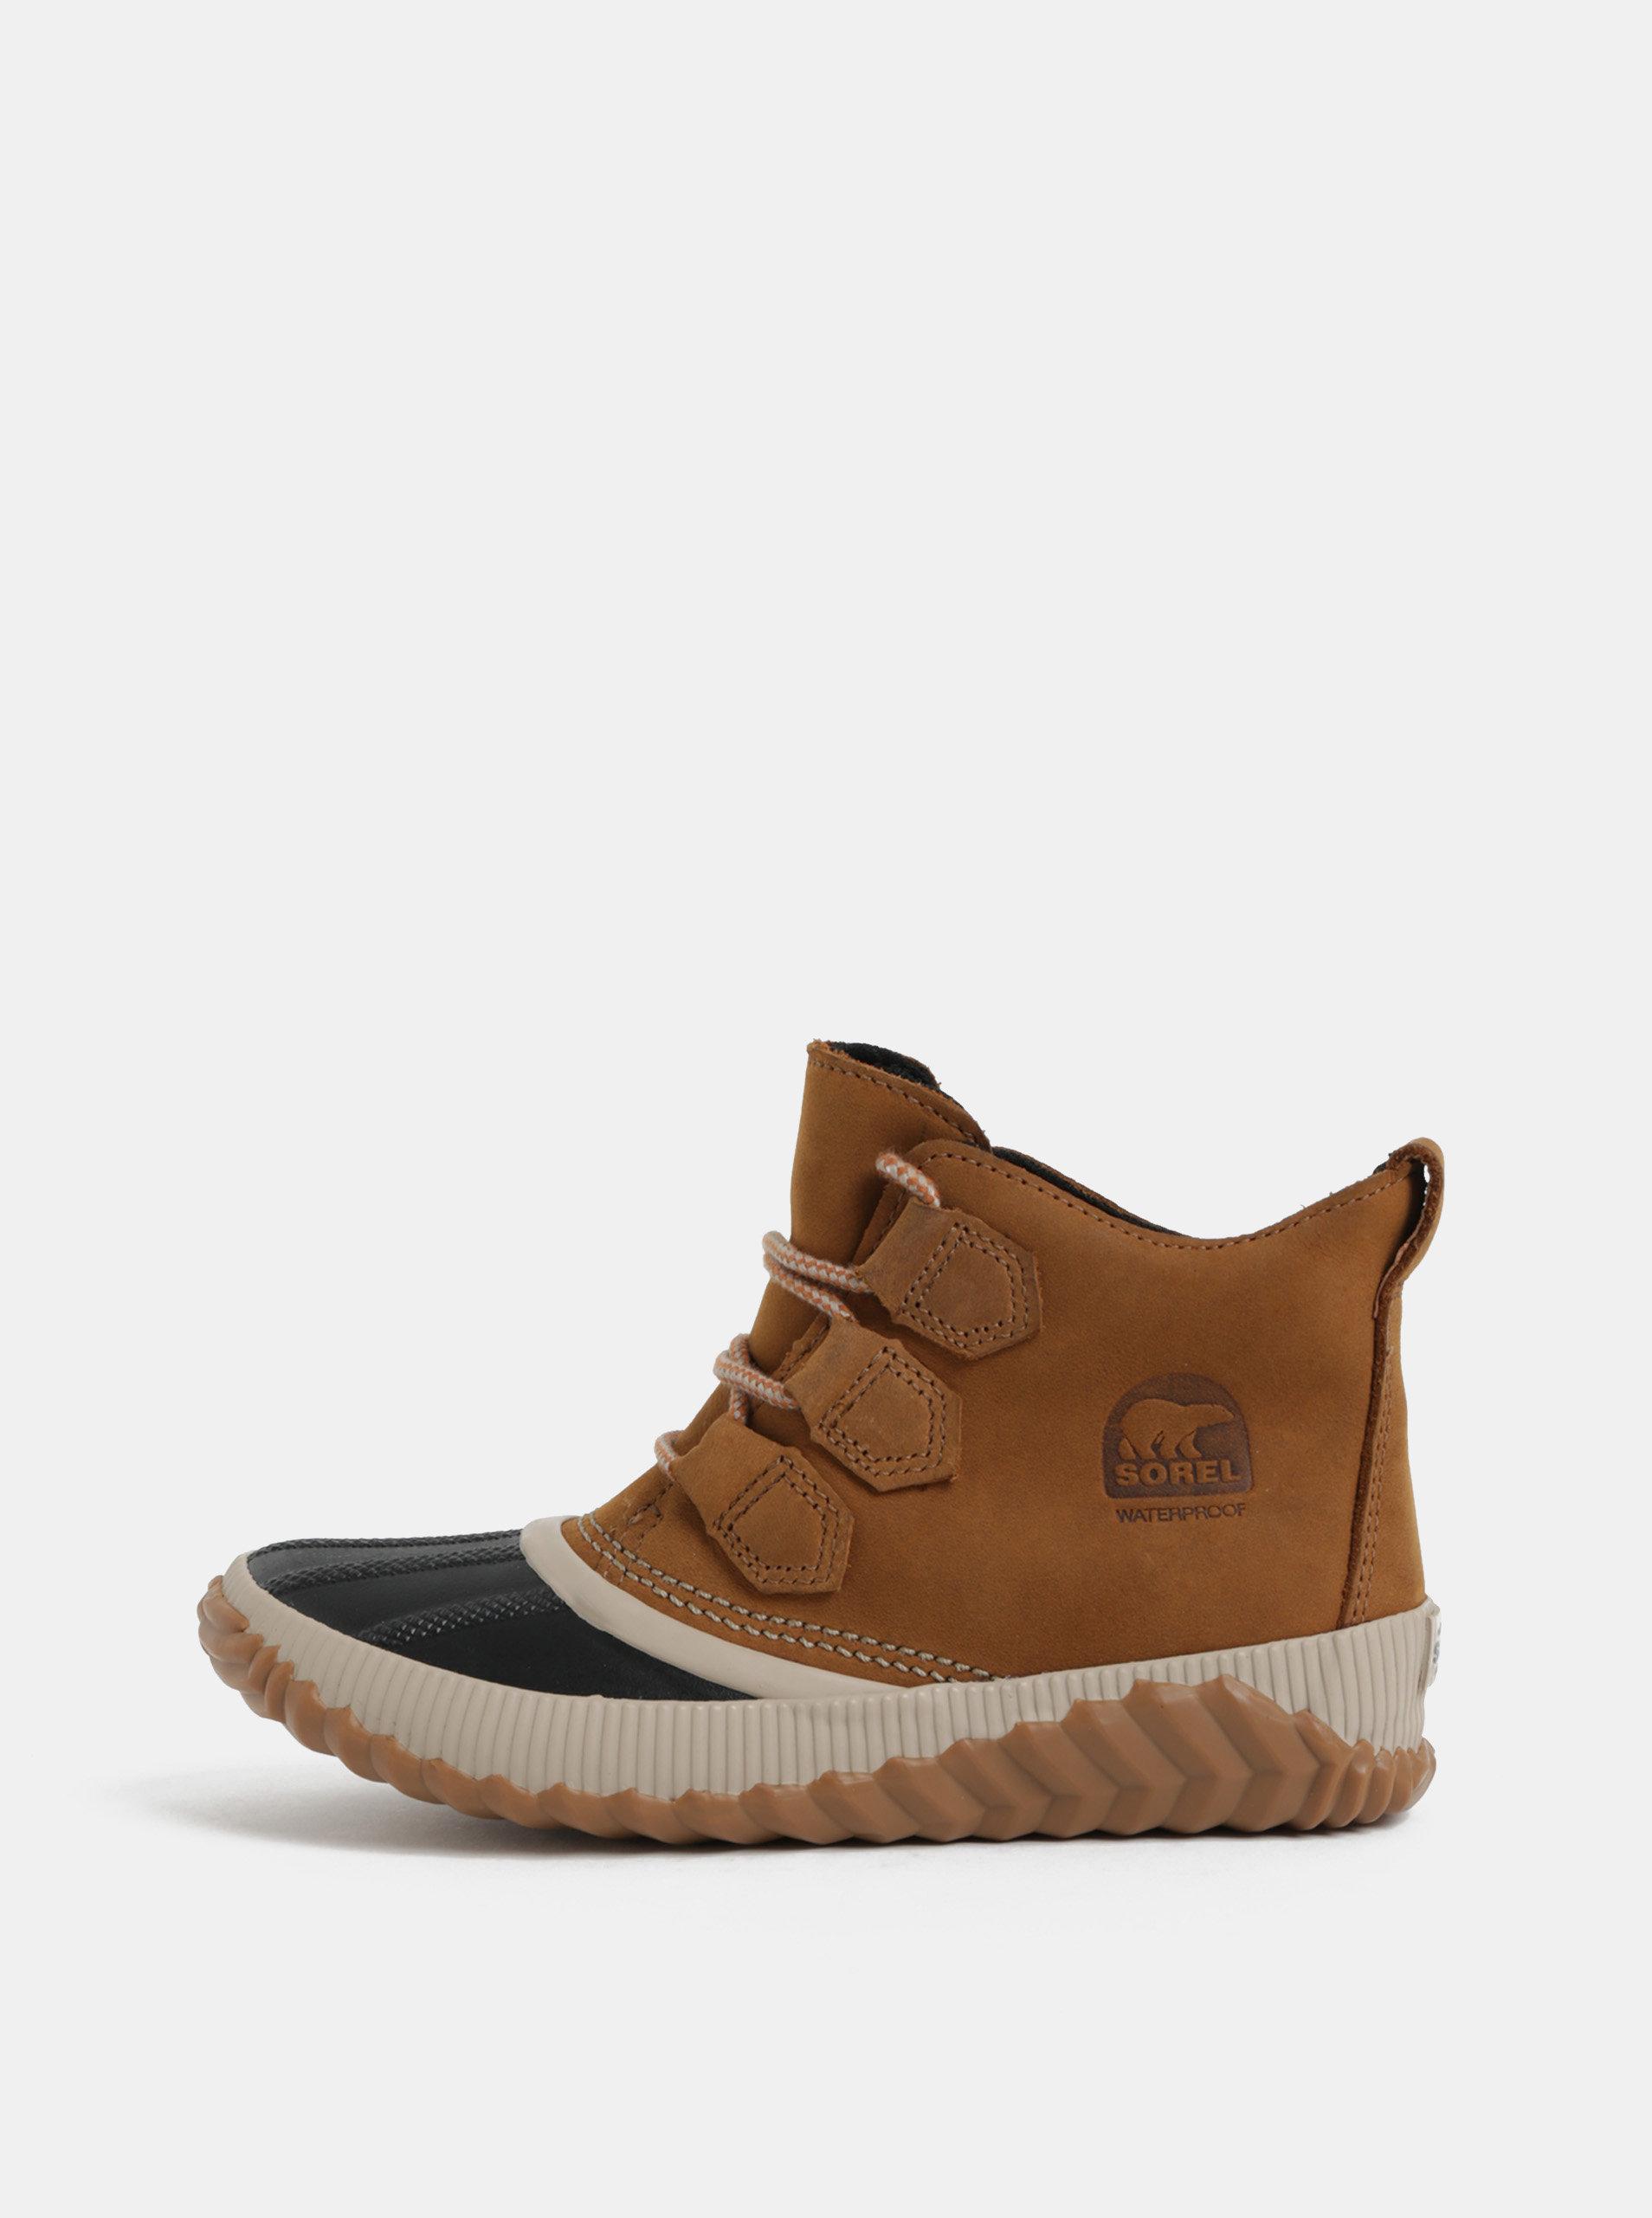 Hnedé dámske kožené nepremokavé členkové topánky SOREL Out n About Plus ... fdd588dec51